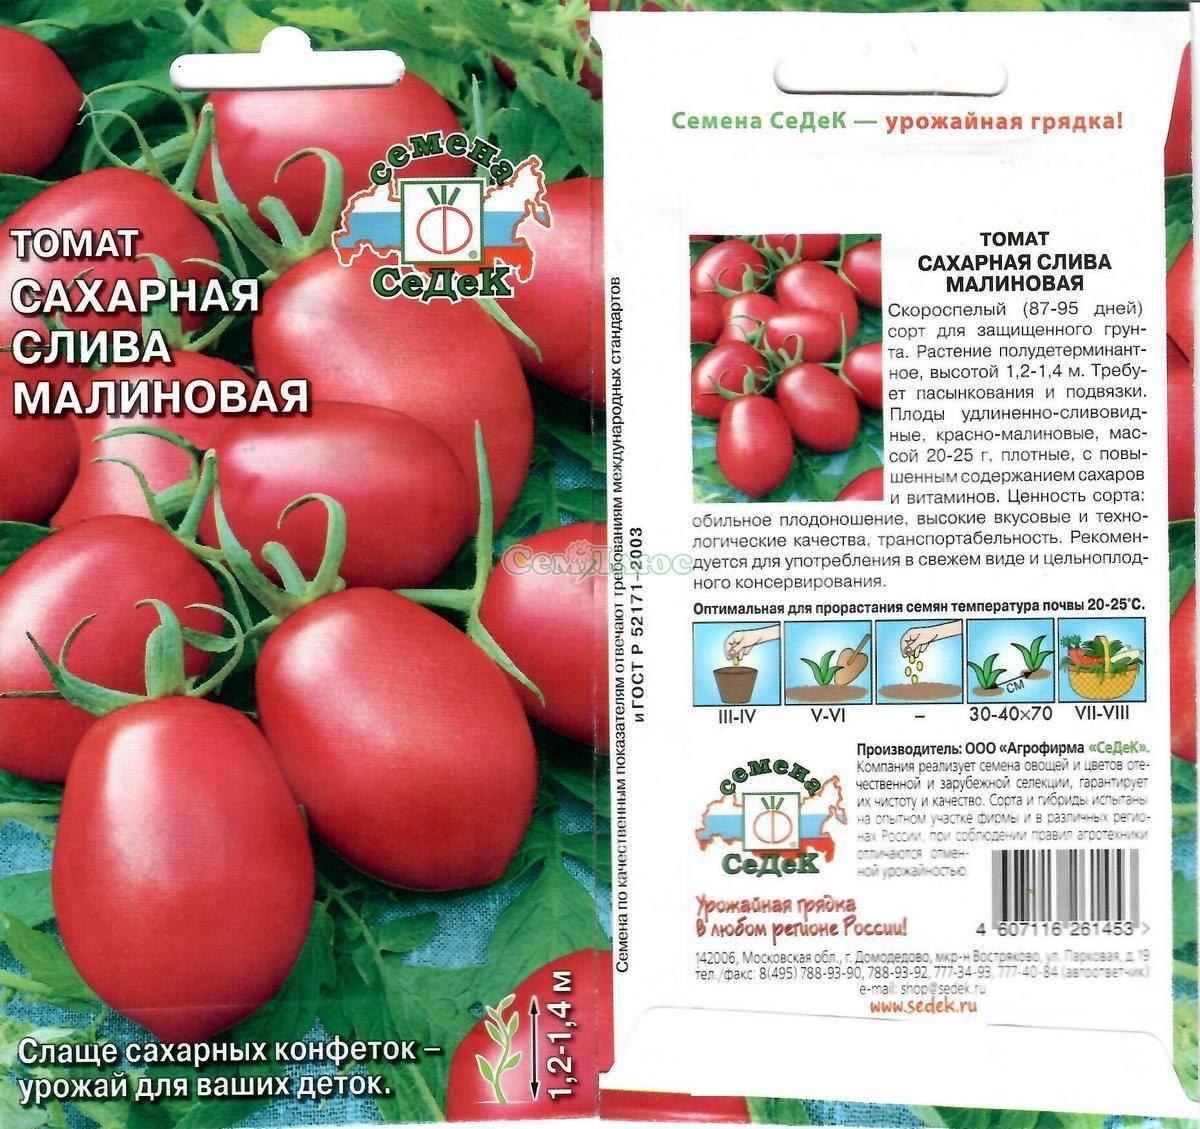 Томат малиновая сладость: описание сорта, достоинства и недостатки, рекомендации по выращиванию русский фермер